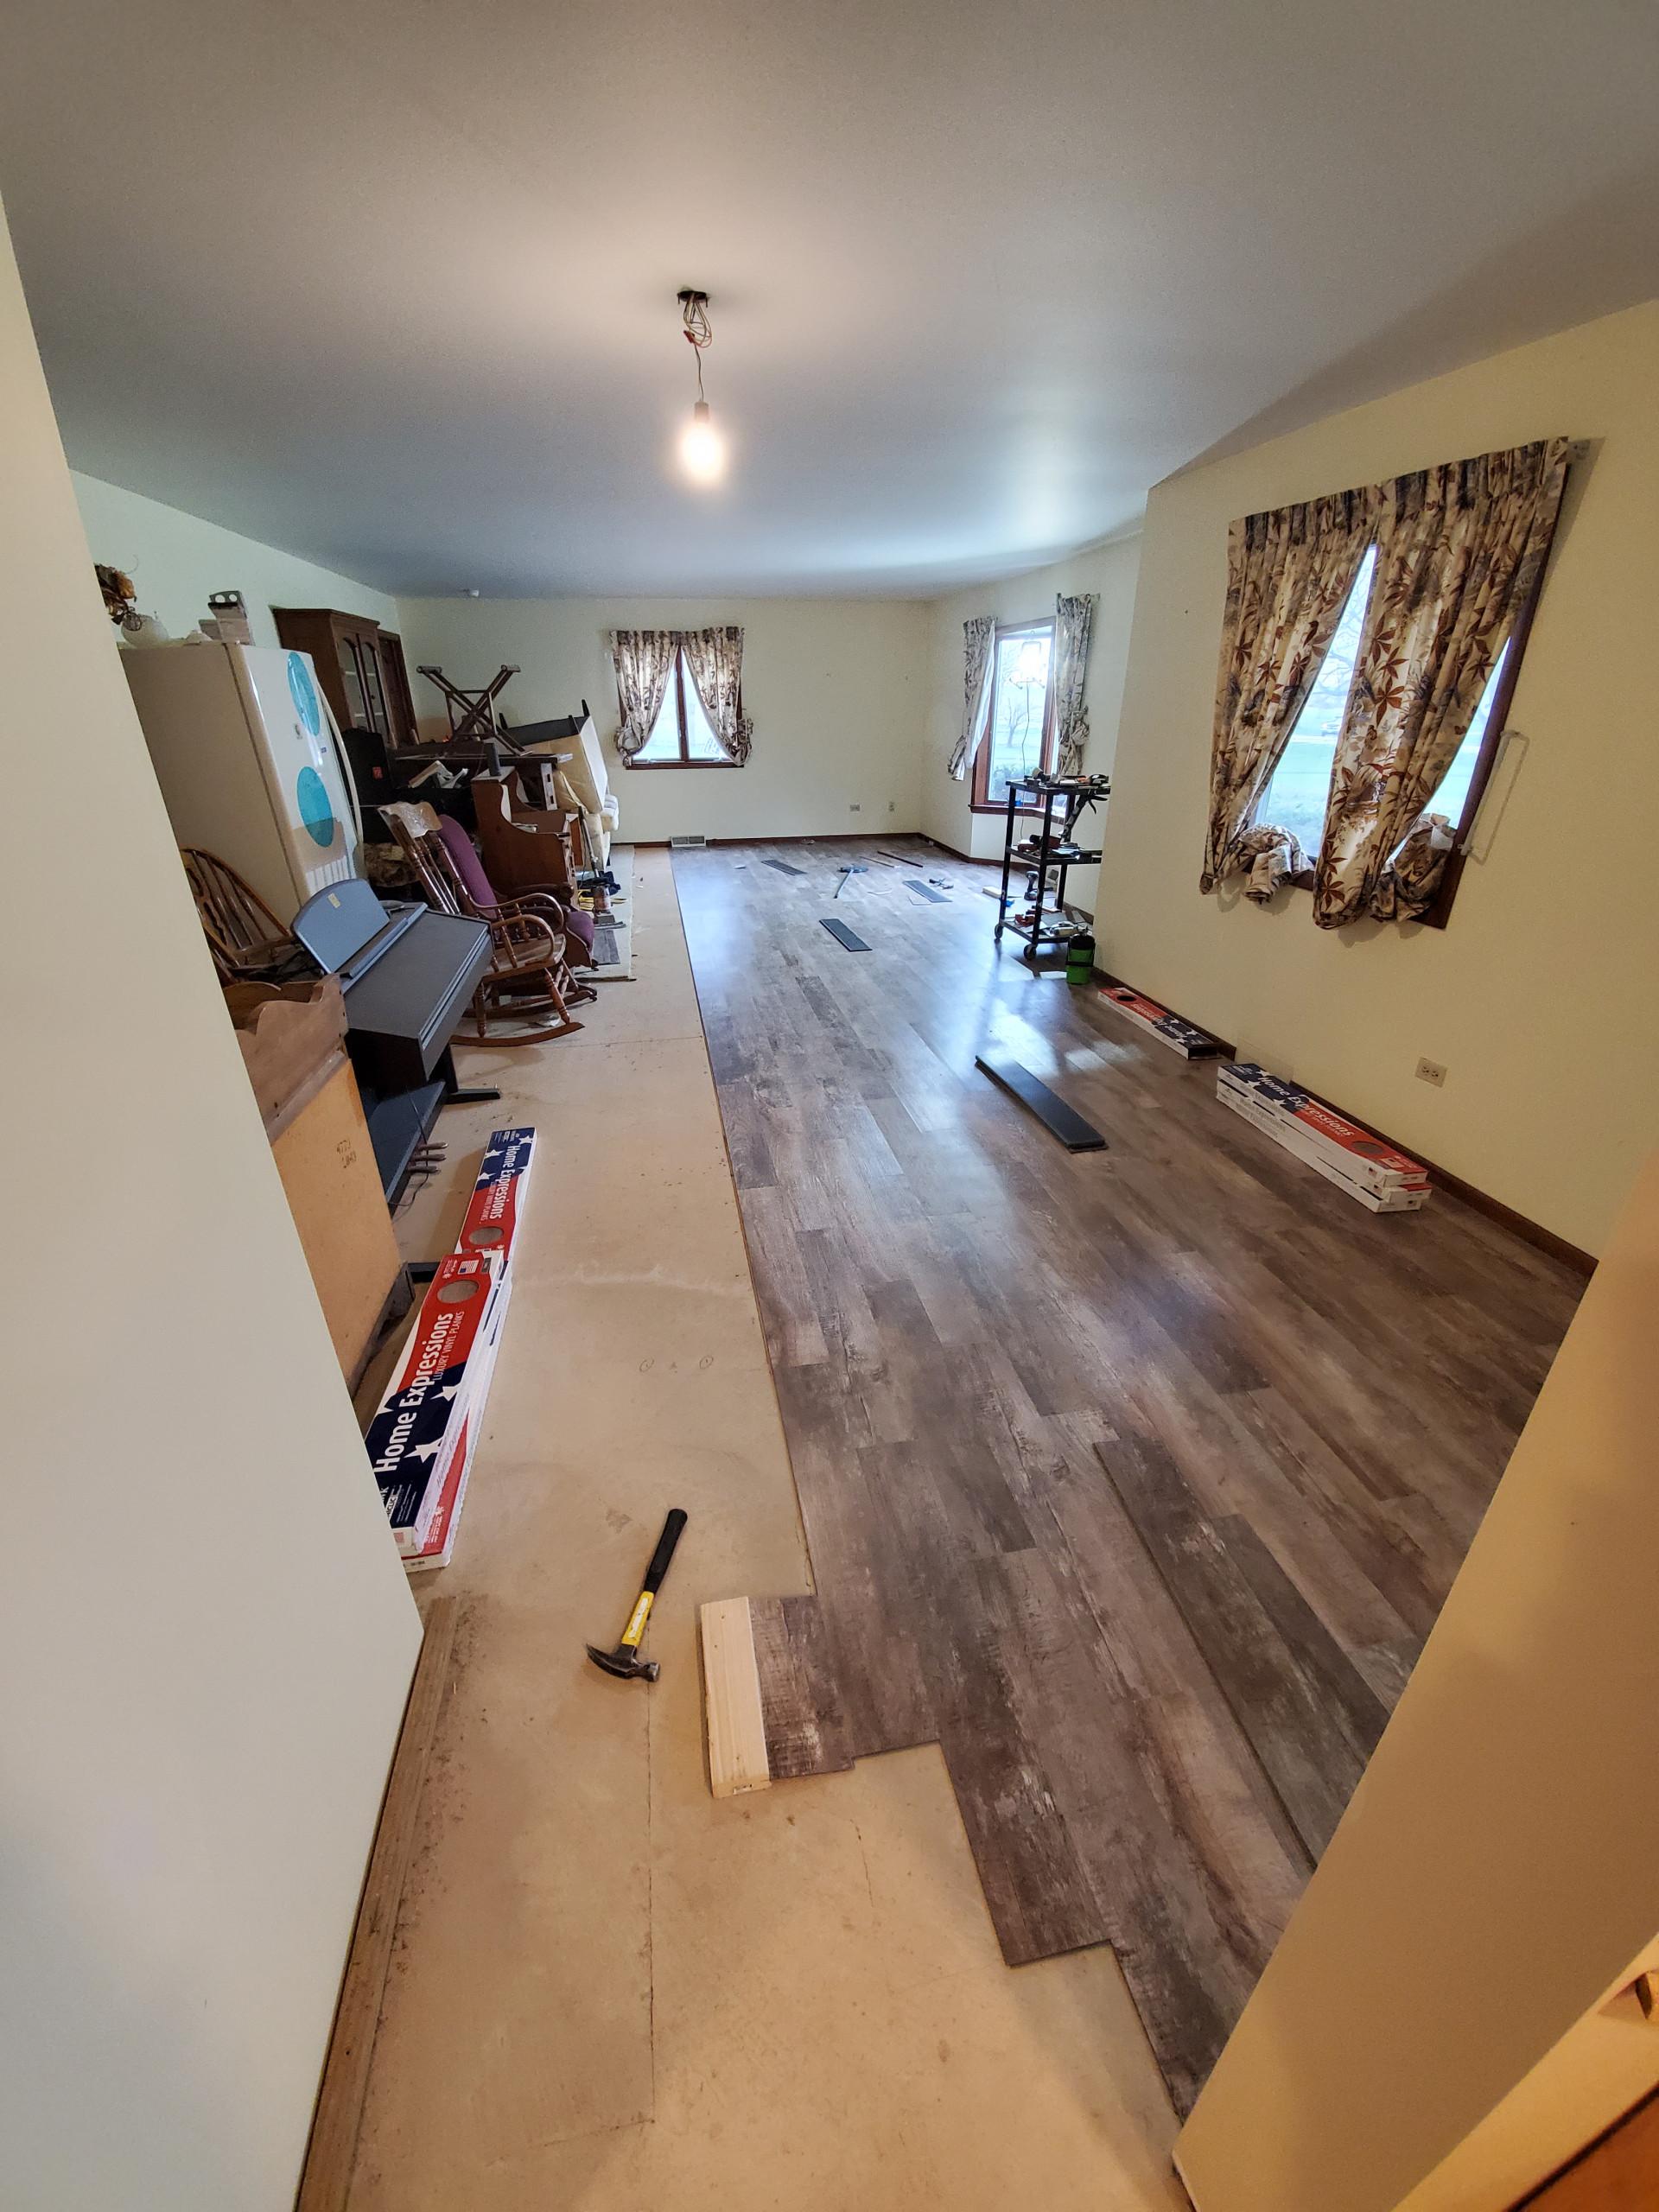 Vinyl plank flooring in progress